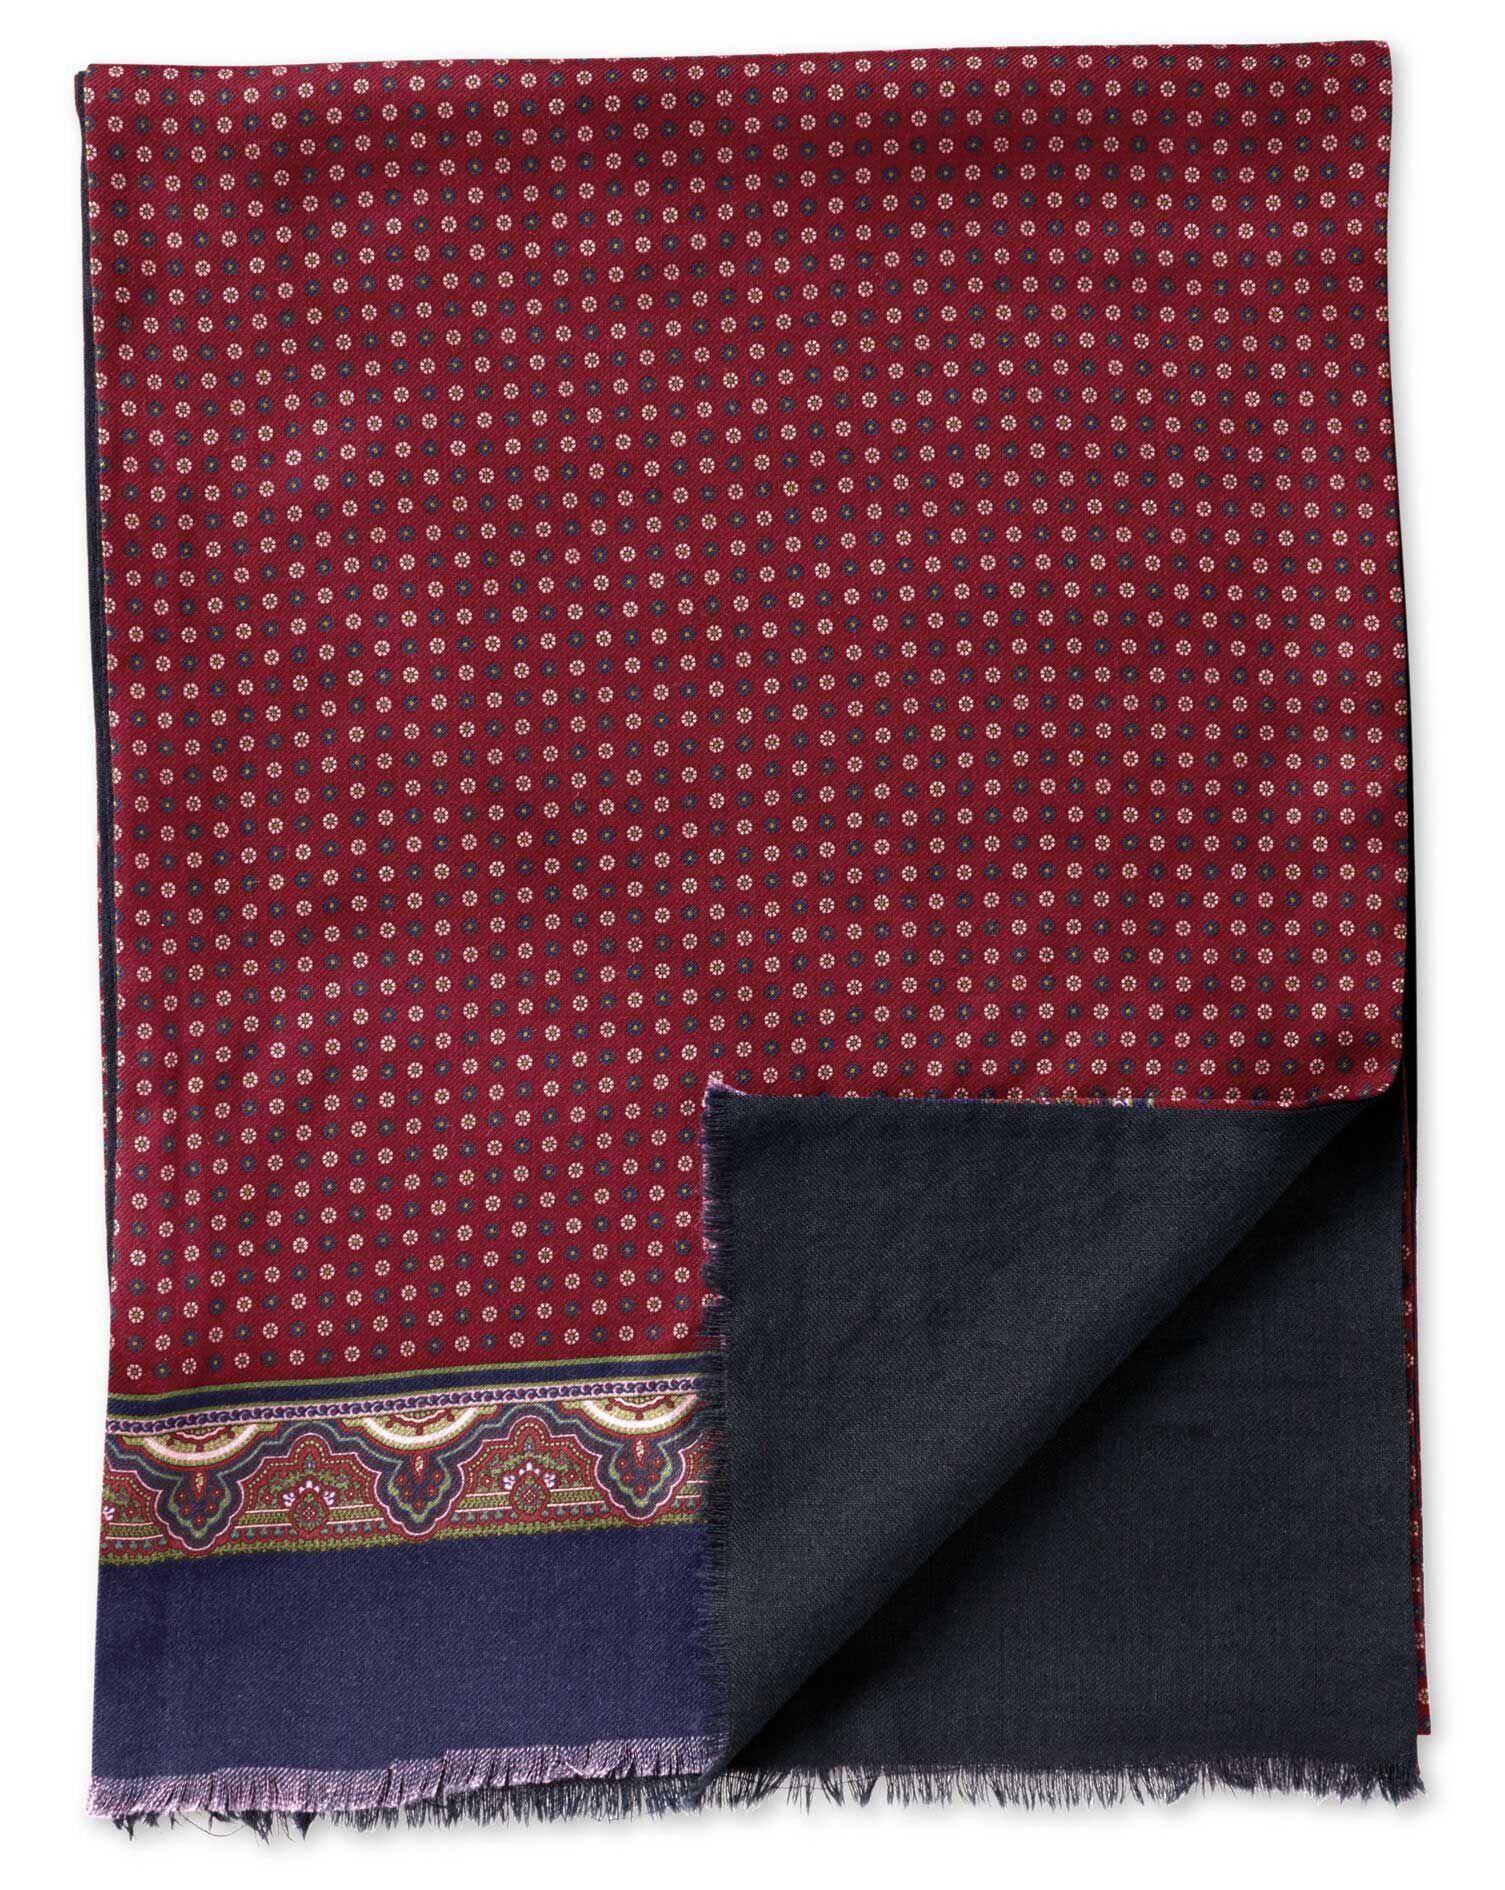 Burgundy Wool Scarf Size OSFA by Charles Tyrwhitt